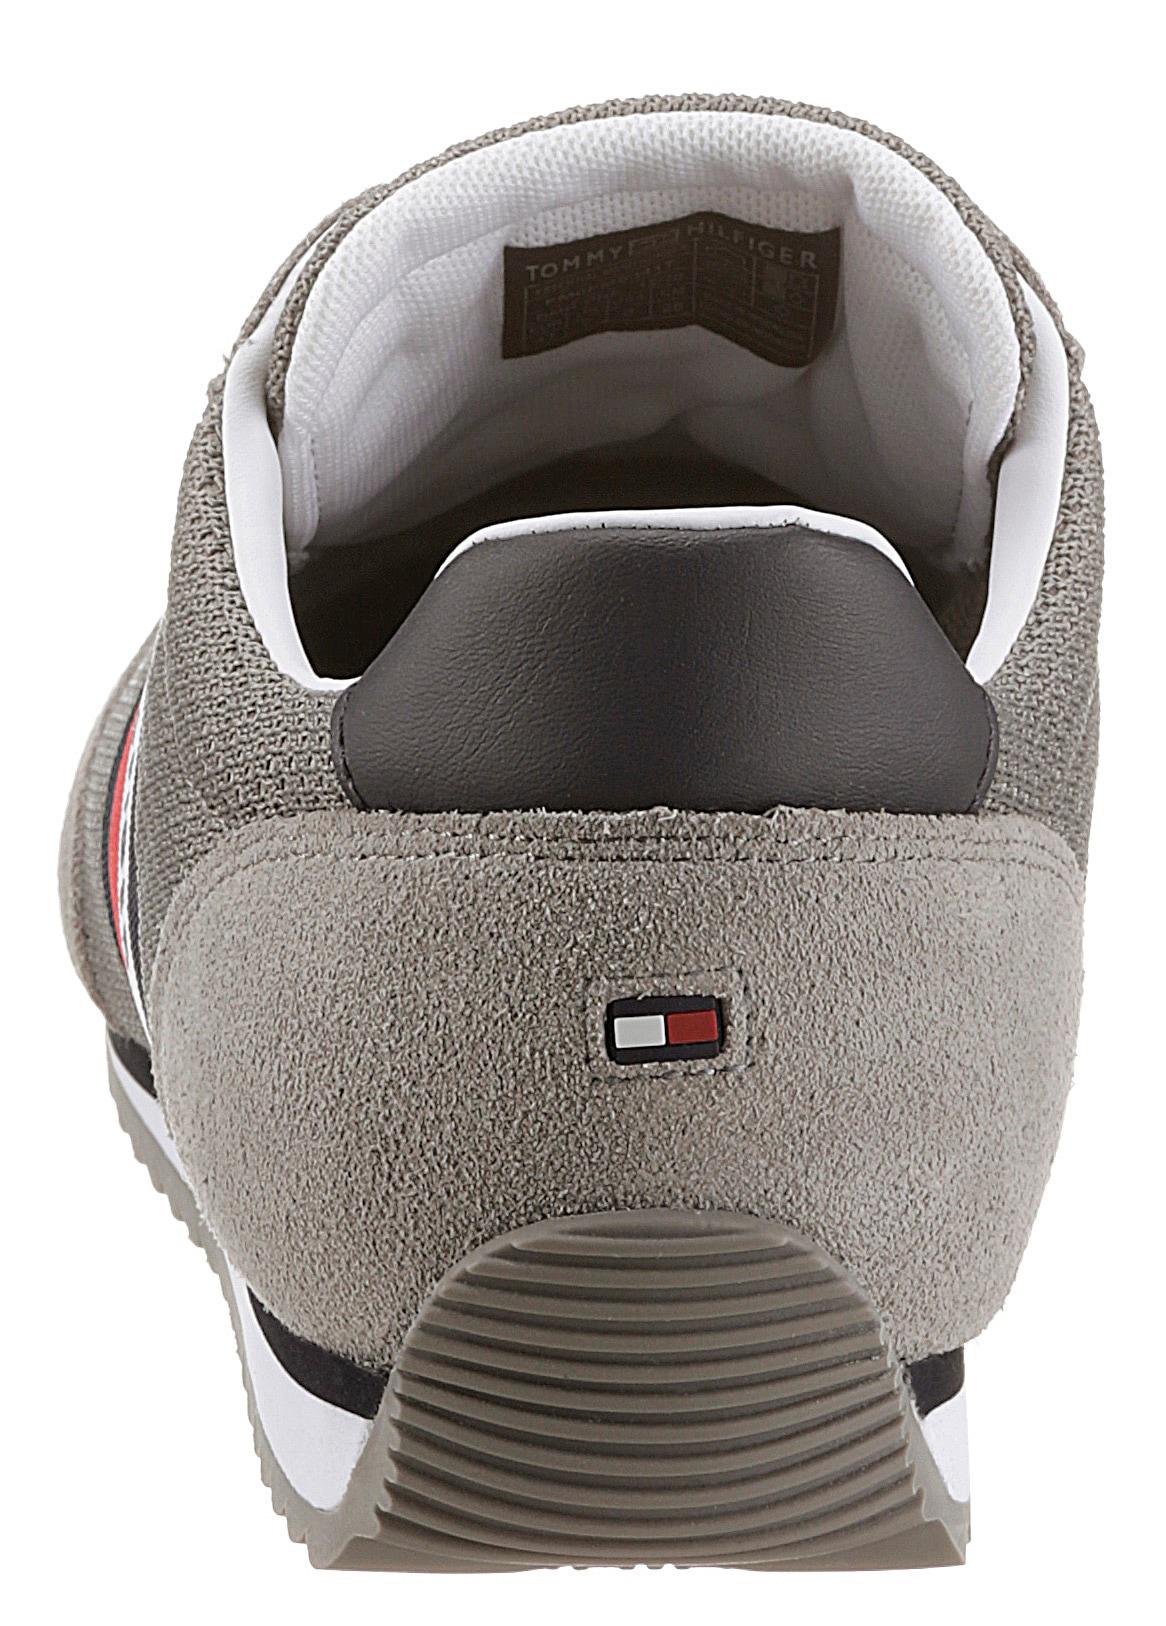 tommy hilfiger -  Sneaker ESSENTIAL MESH RUNNER, mit seitlichen Streifen